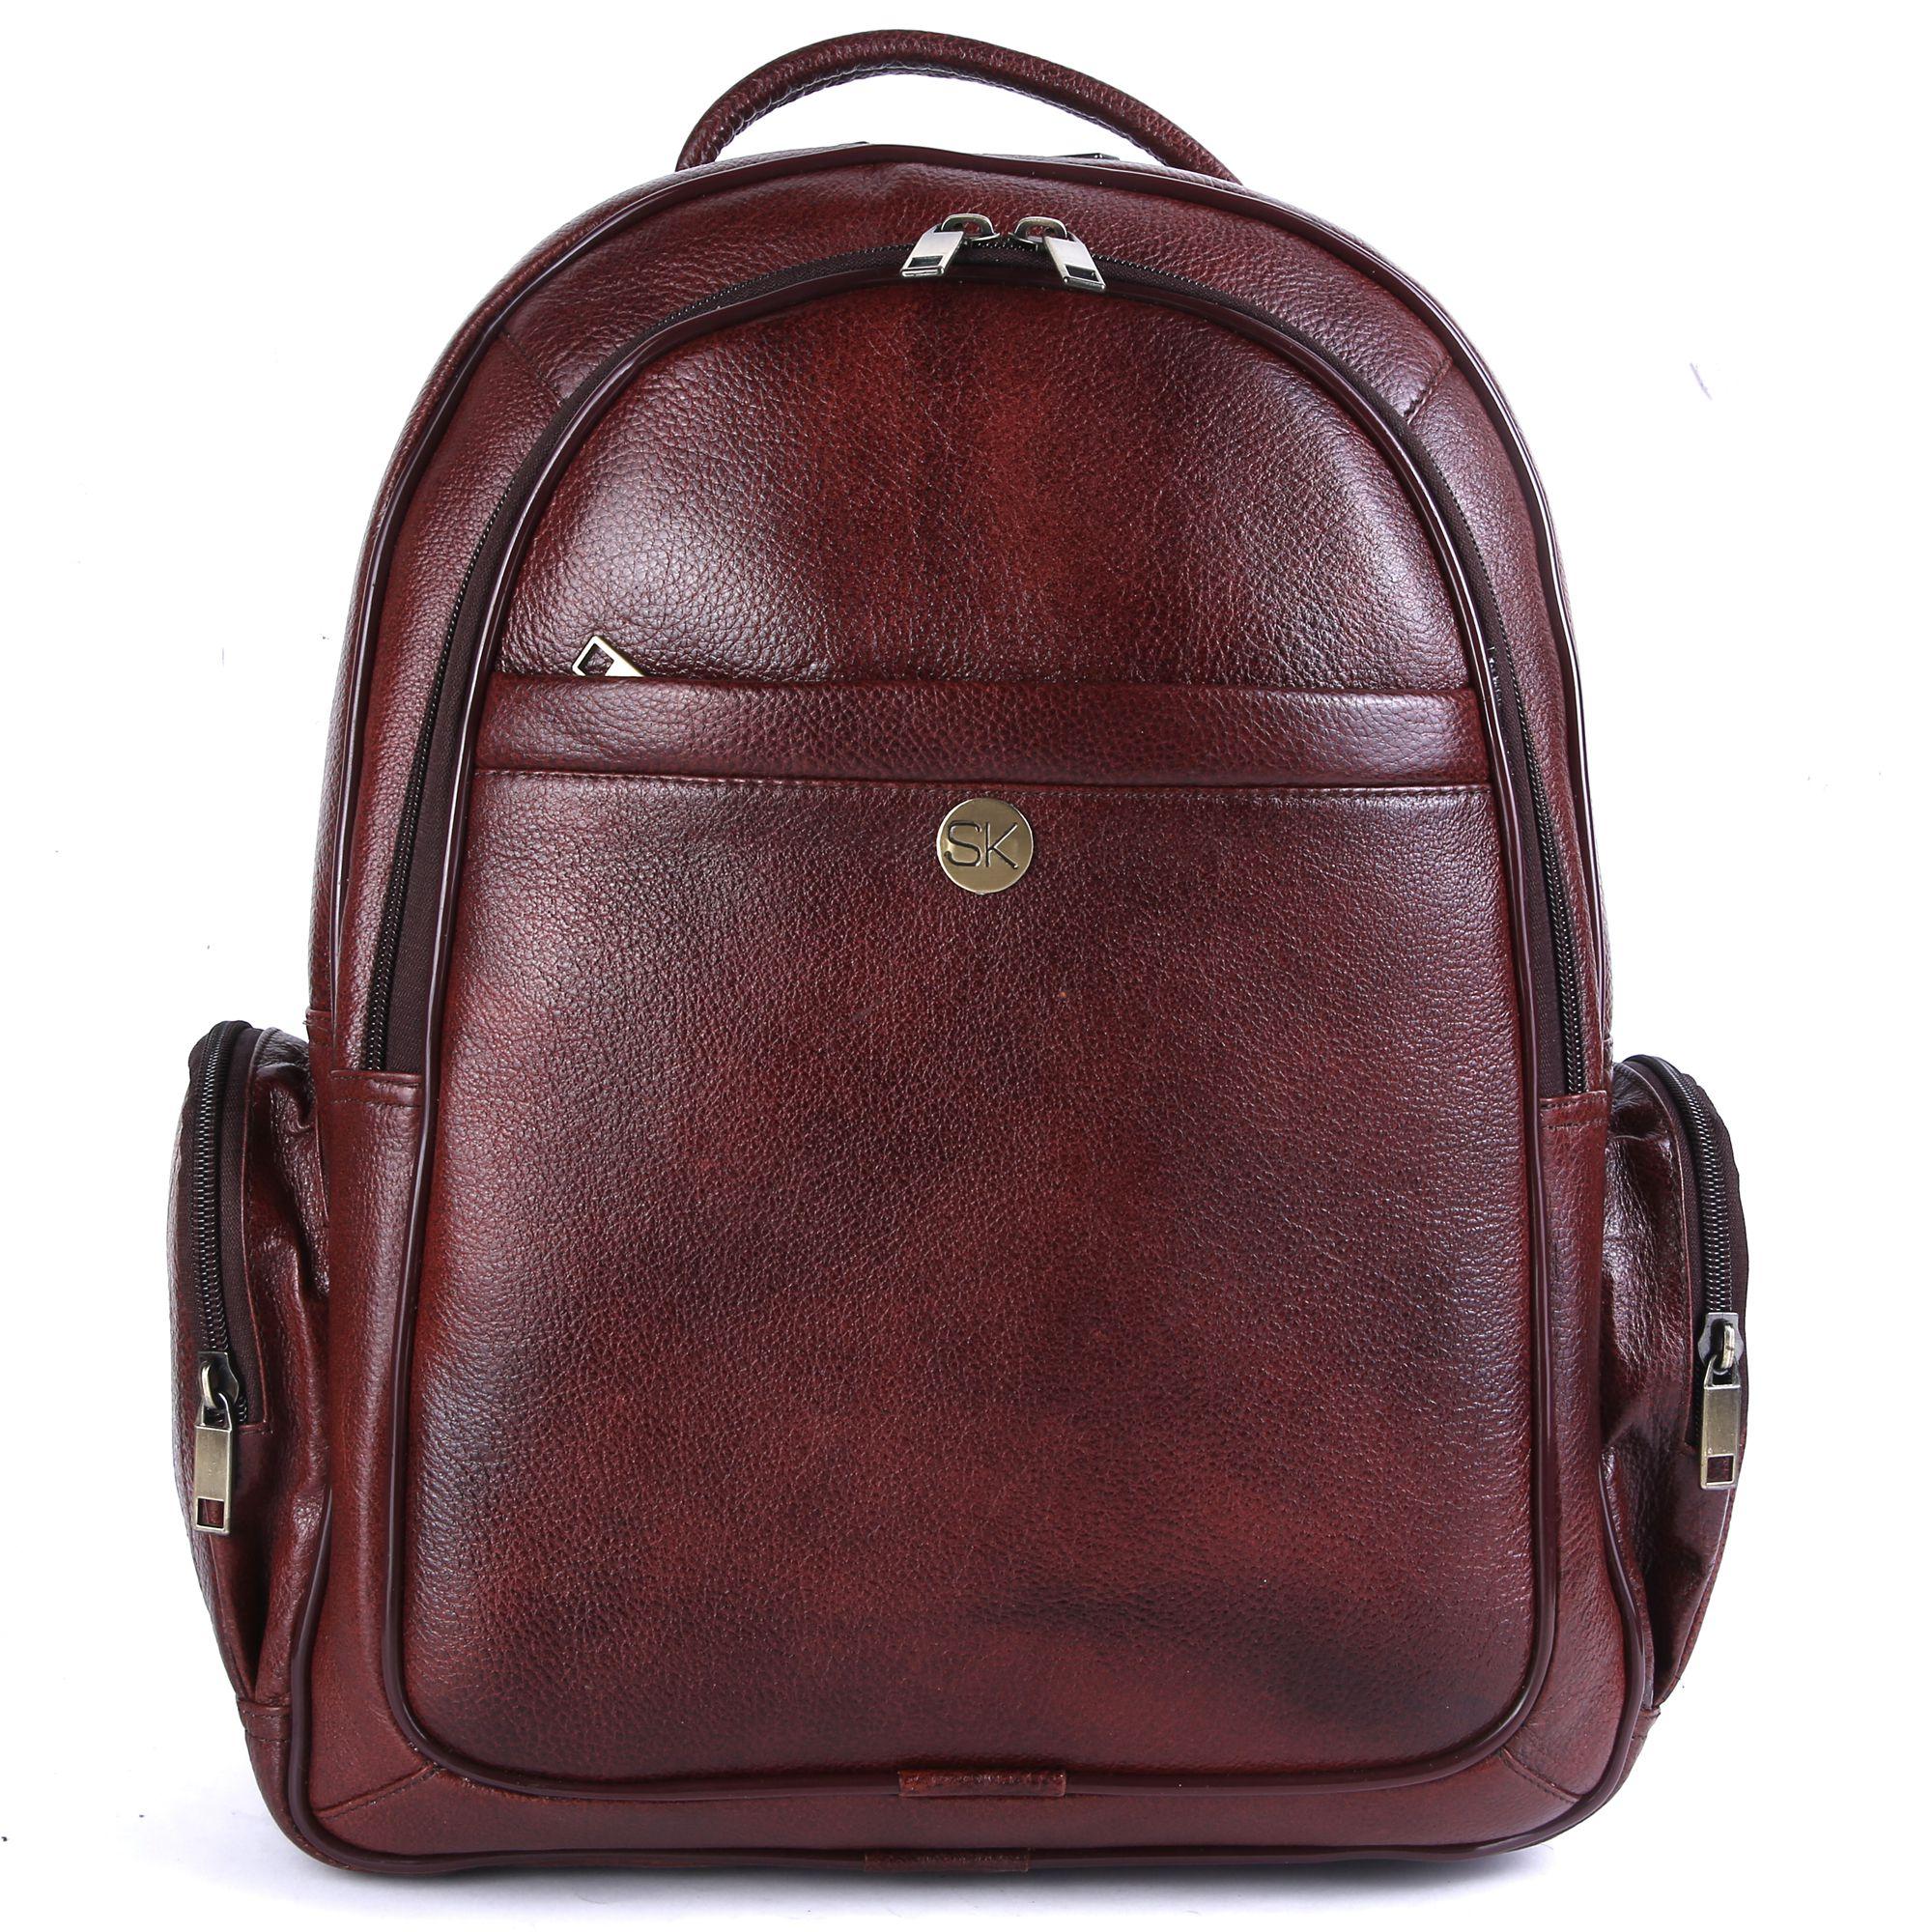 SK TRADER SK-A74.BR Brown Leather Office Bag